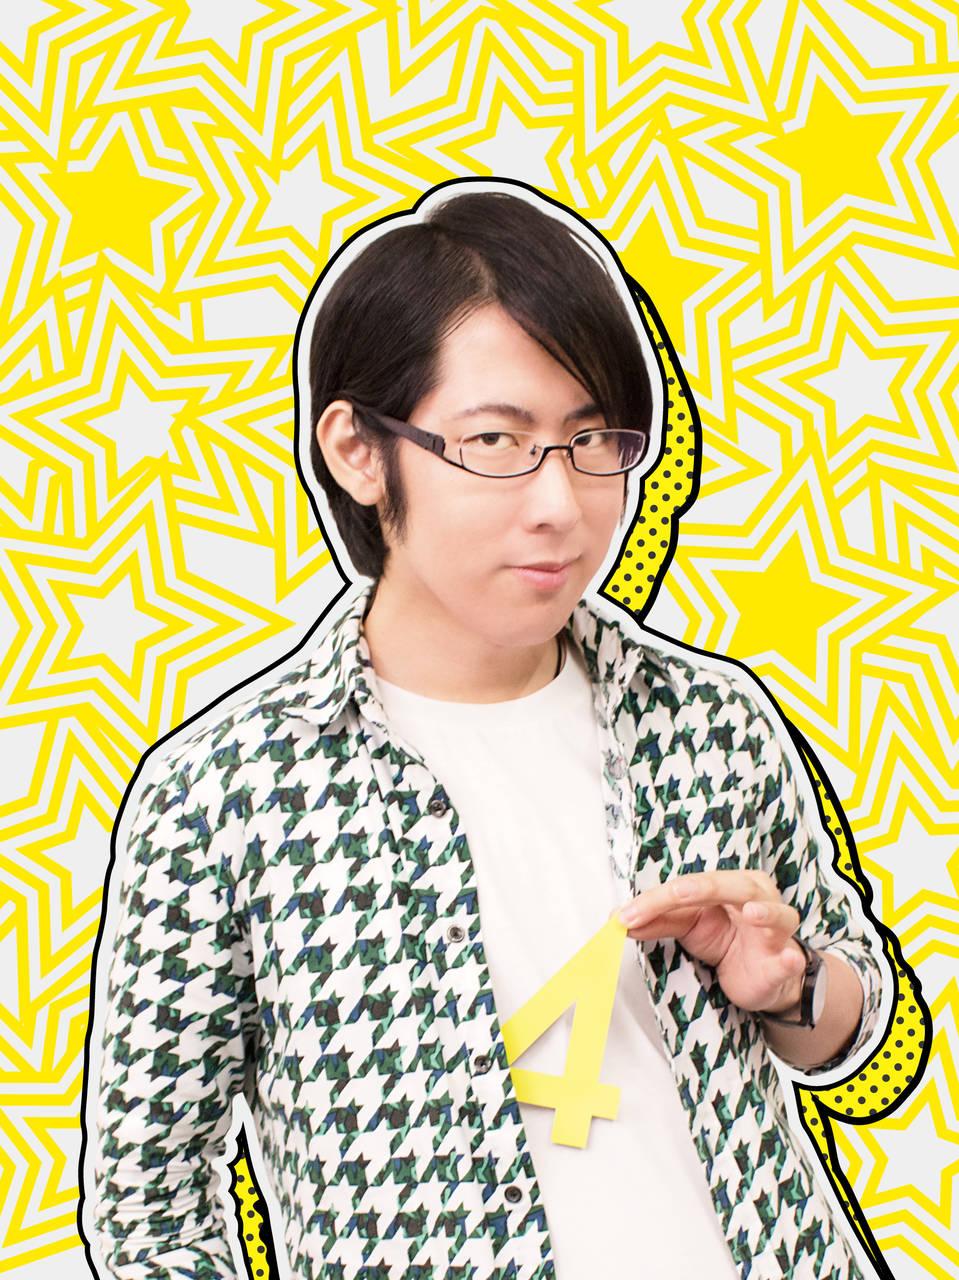 『声優男子ですが・・・』2020年、劇場版公開決定!白井悠介より緊急コメント到着!